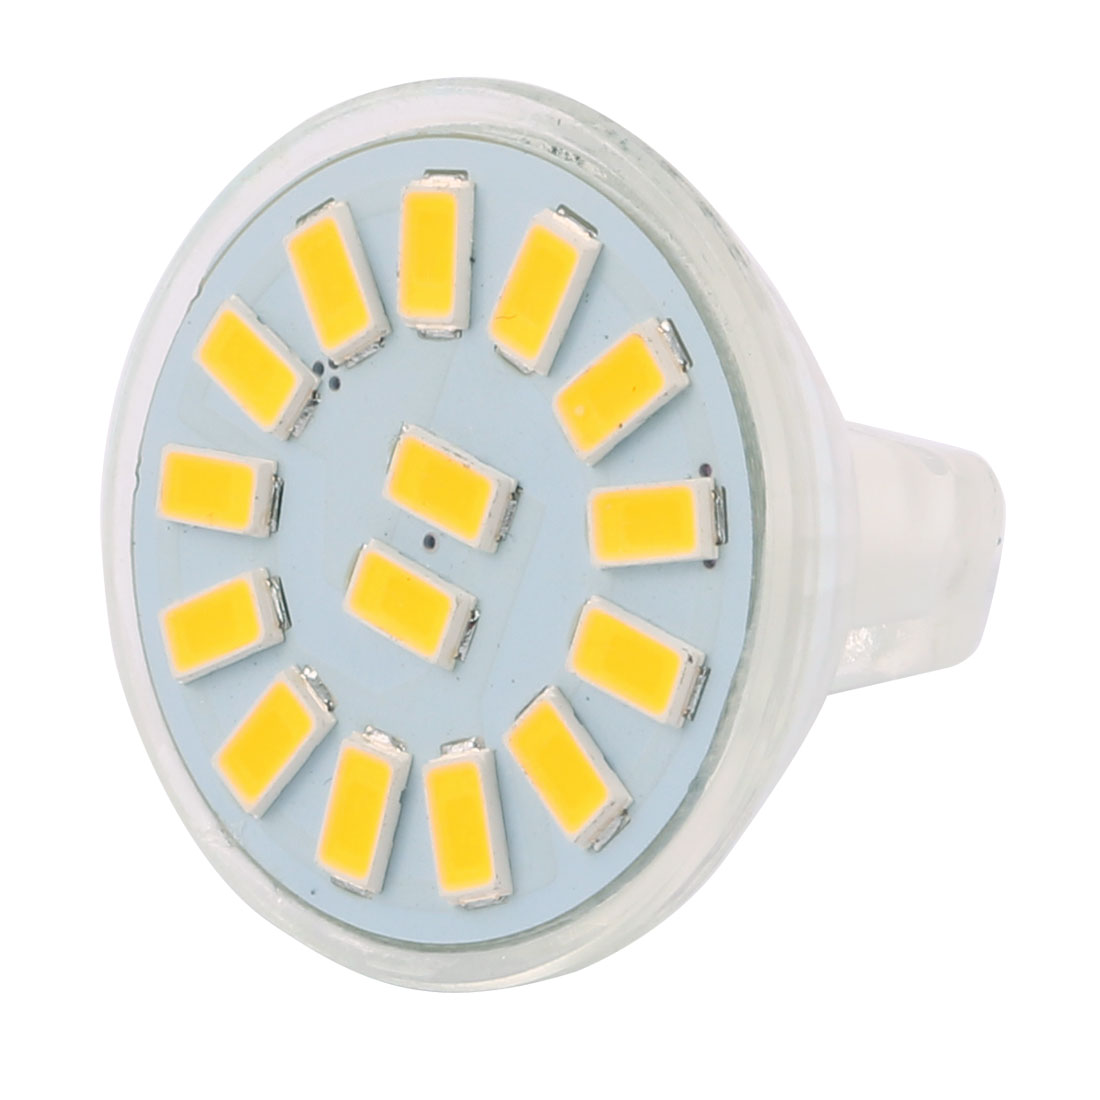 DC 12V 4W MR11 5733 SMD 15 LEDs LED Bulb Light Spotlight Lamp Lighting Cool White